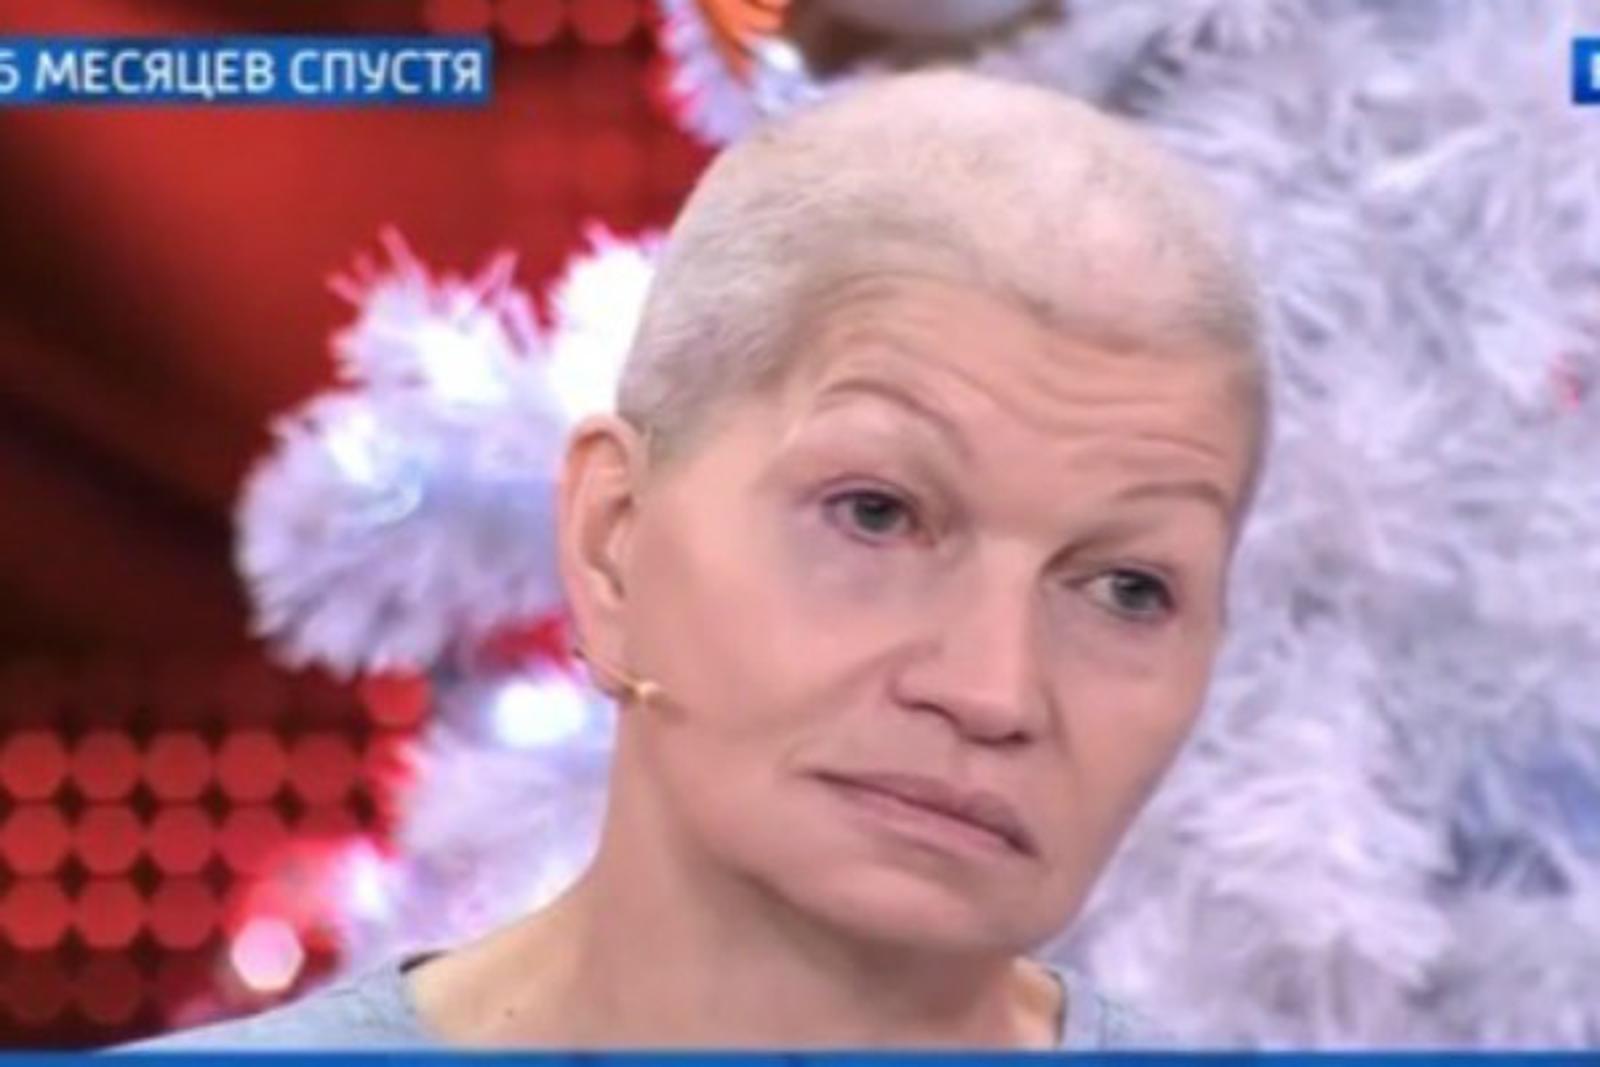 Встреча закончилась синяками: Гоген Солнцев и Екатерина Терешкович отпразднуют Новый год порознь